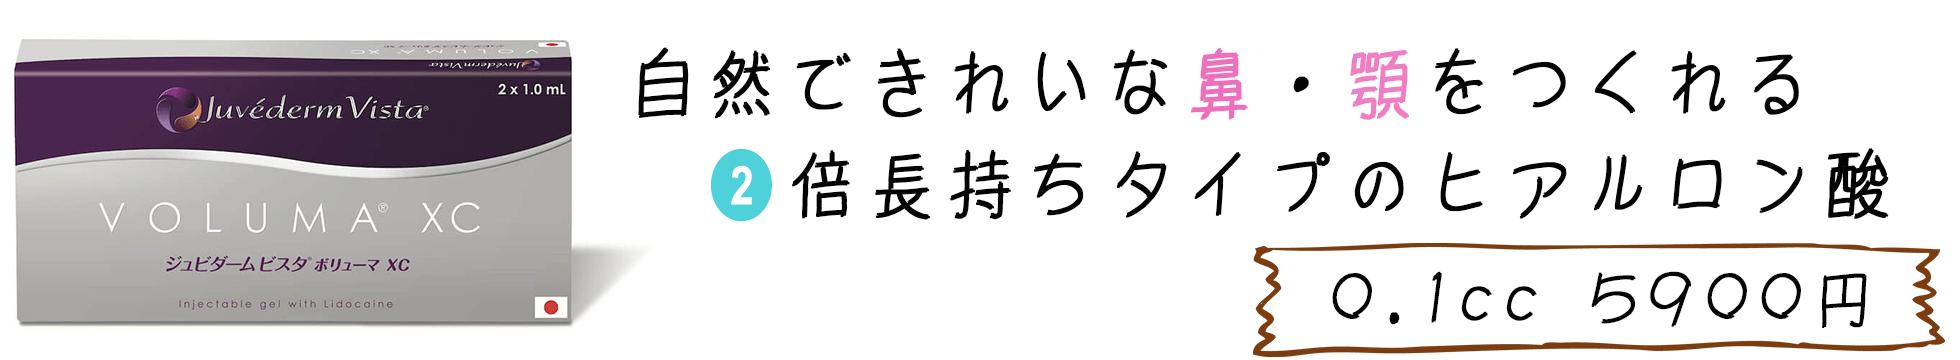 ボリューマ XC(VOLUMA XC)バナー